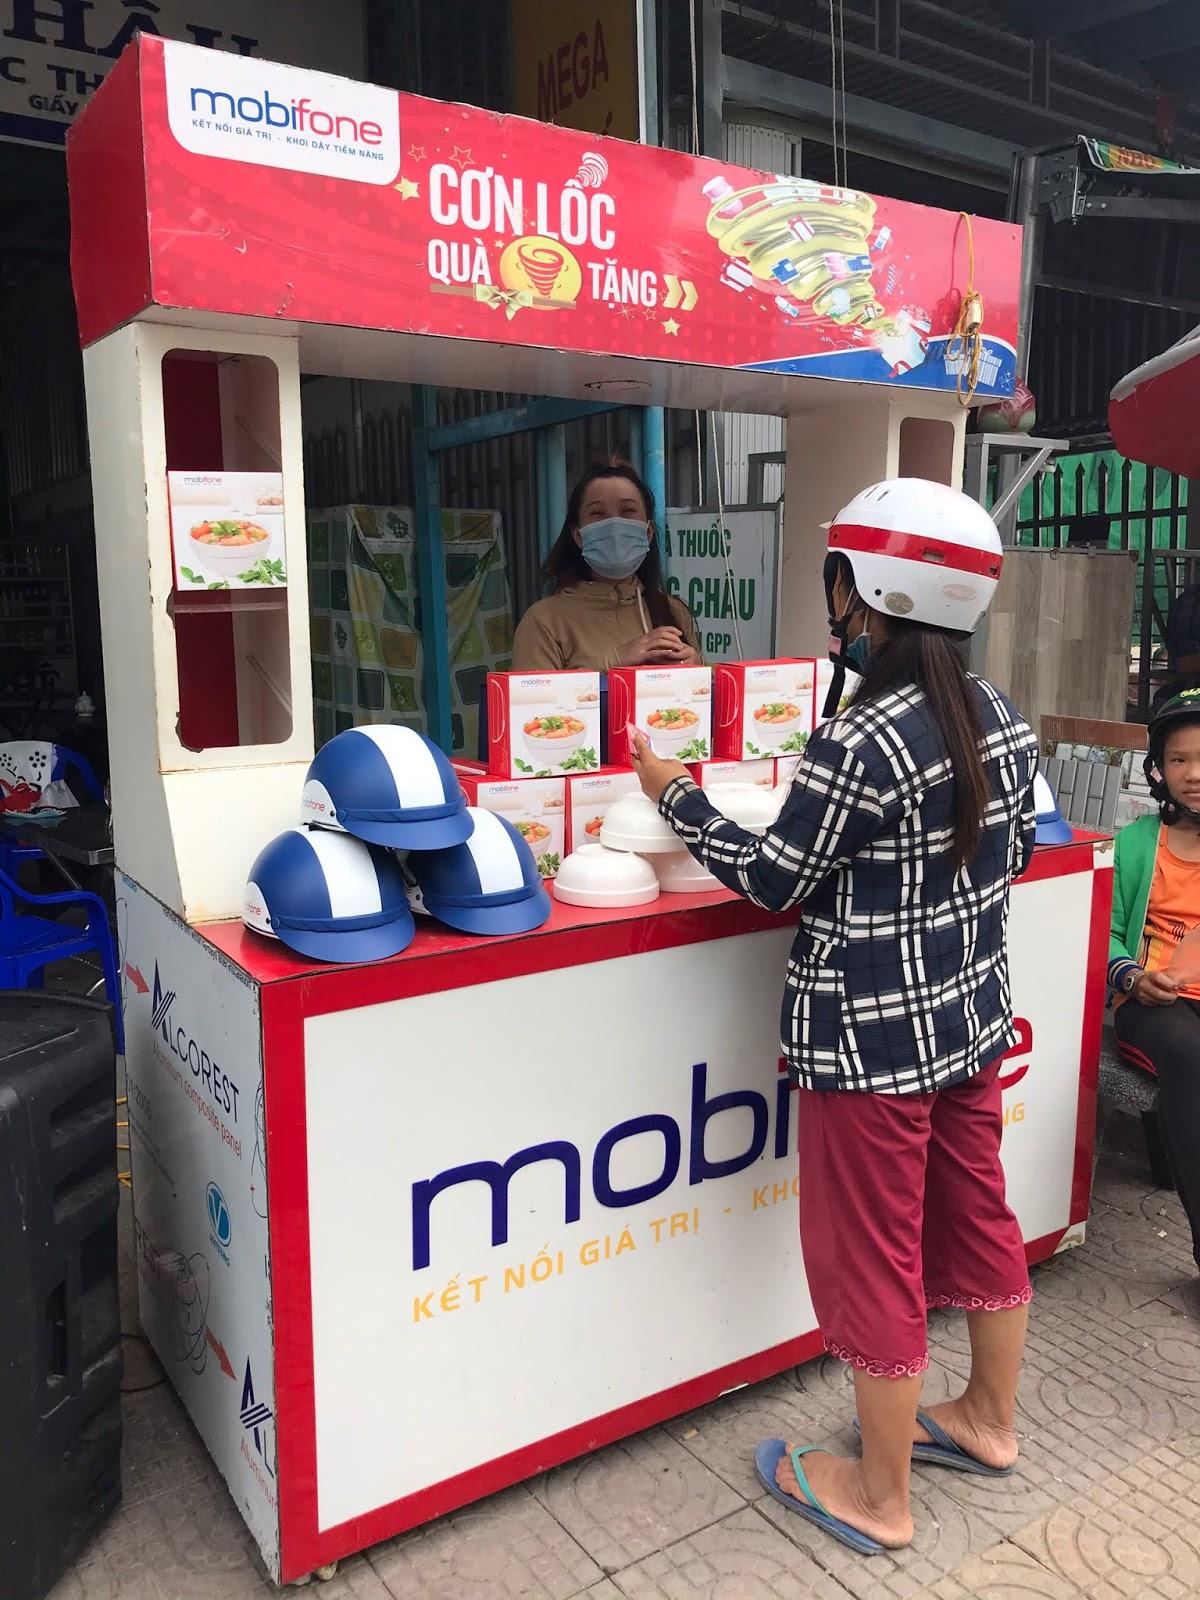 Chuỗi chương trình bán hàng của Mobifone mang lại nhiều ưu đãi và quà tặng hấp dẫn